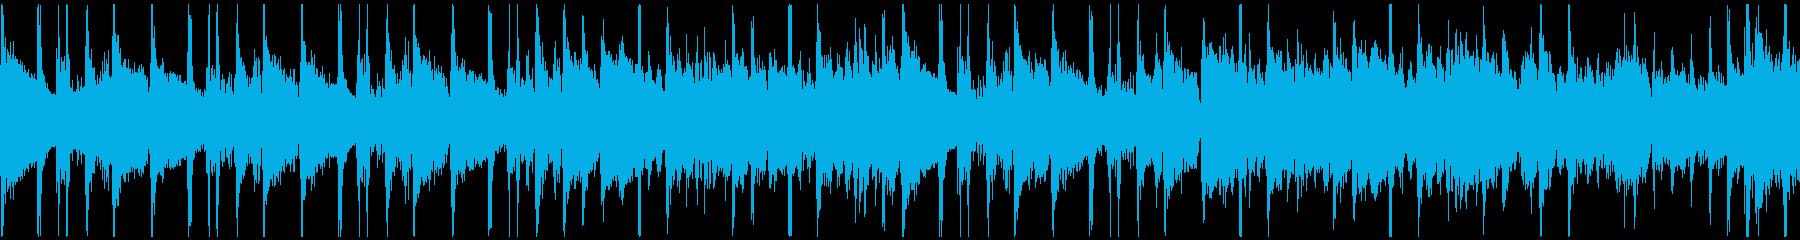 クイズのシンキングタイム、ループ仕様の再生済みの波形